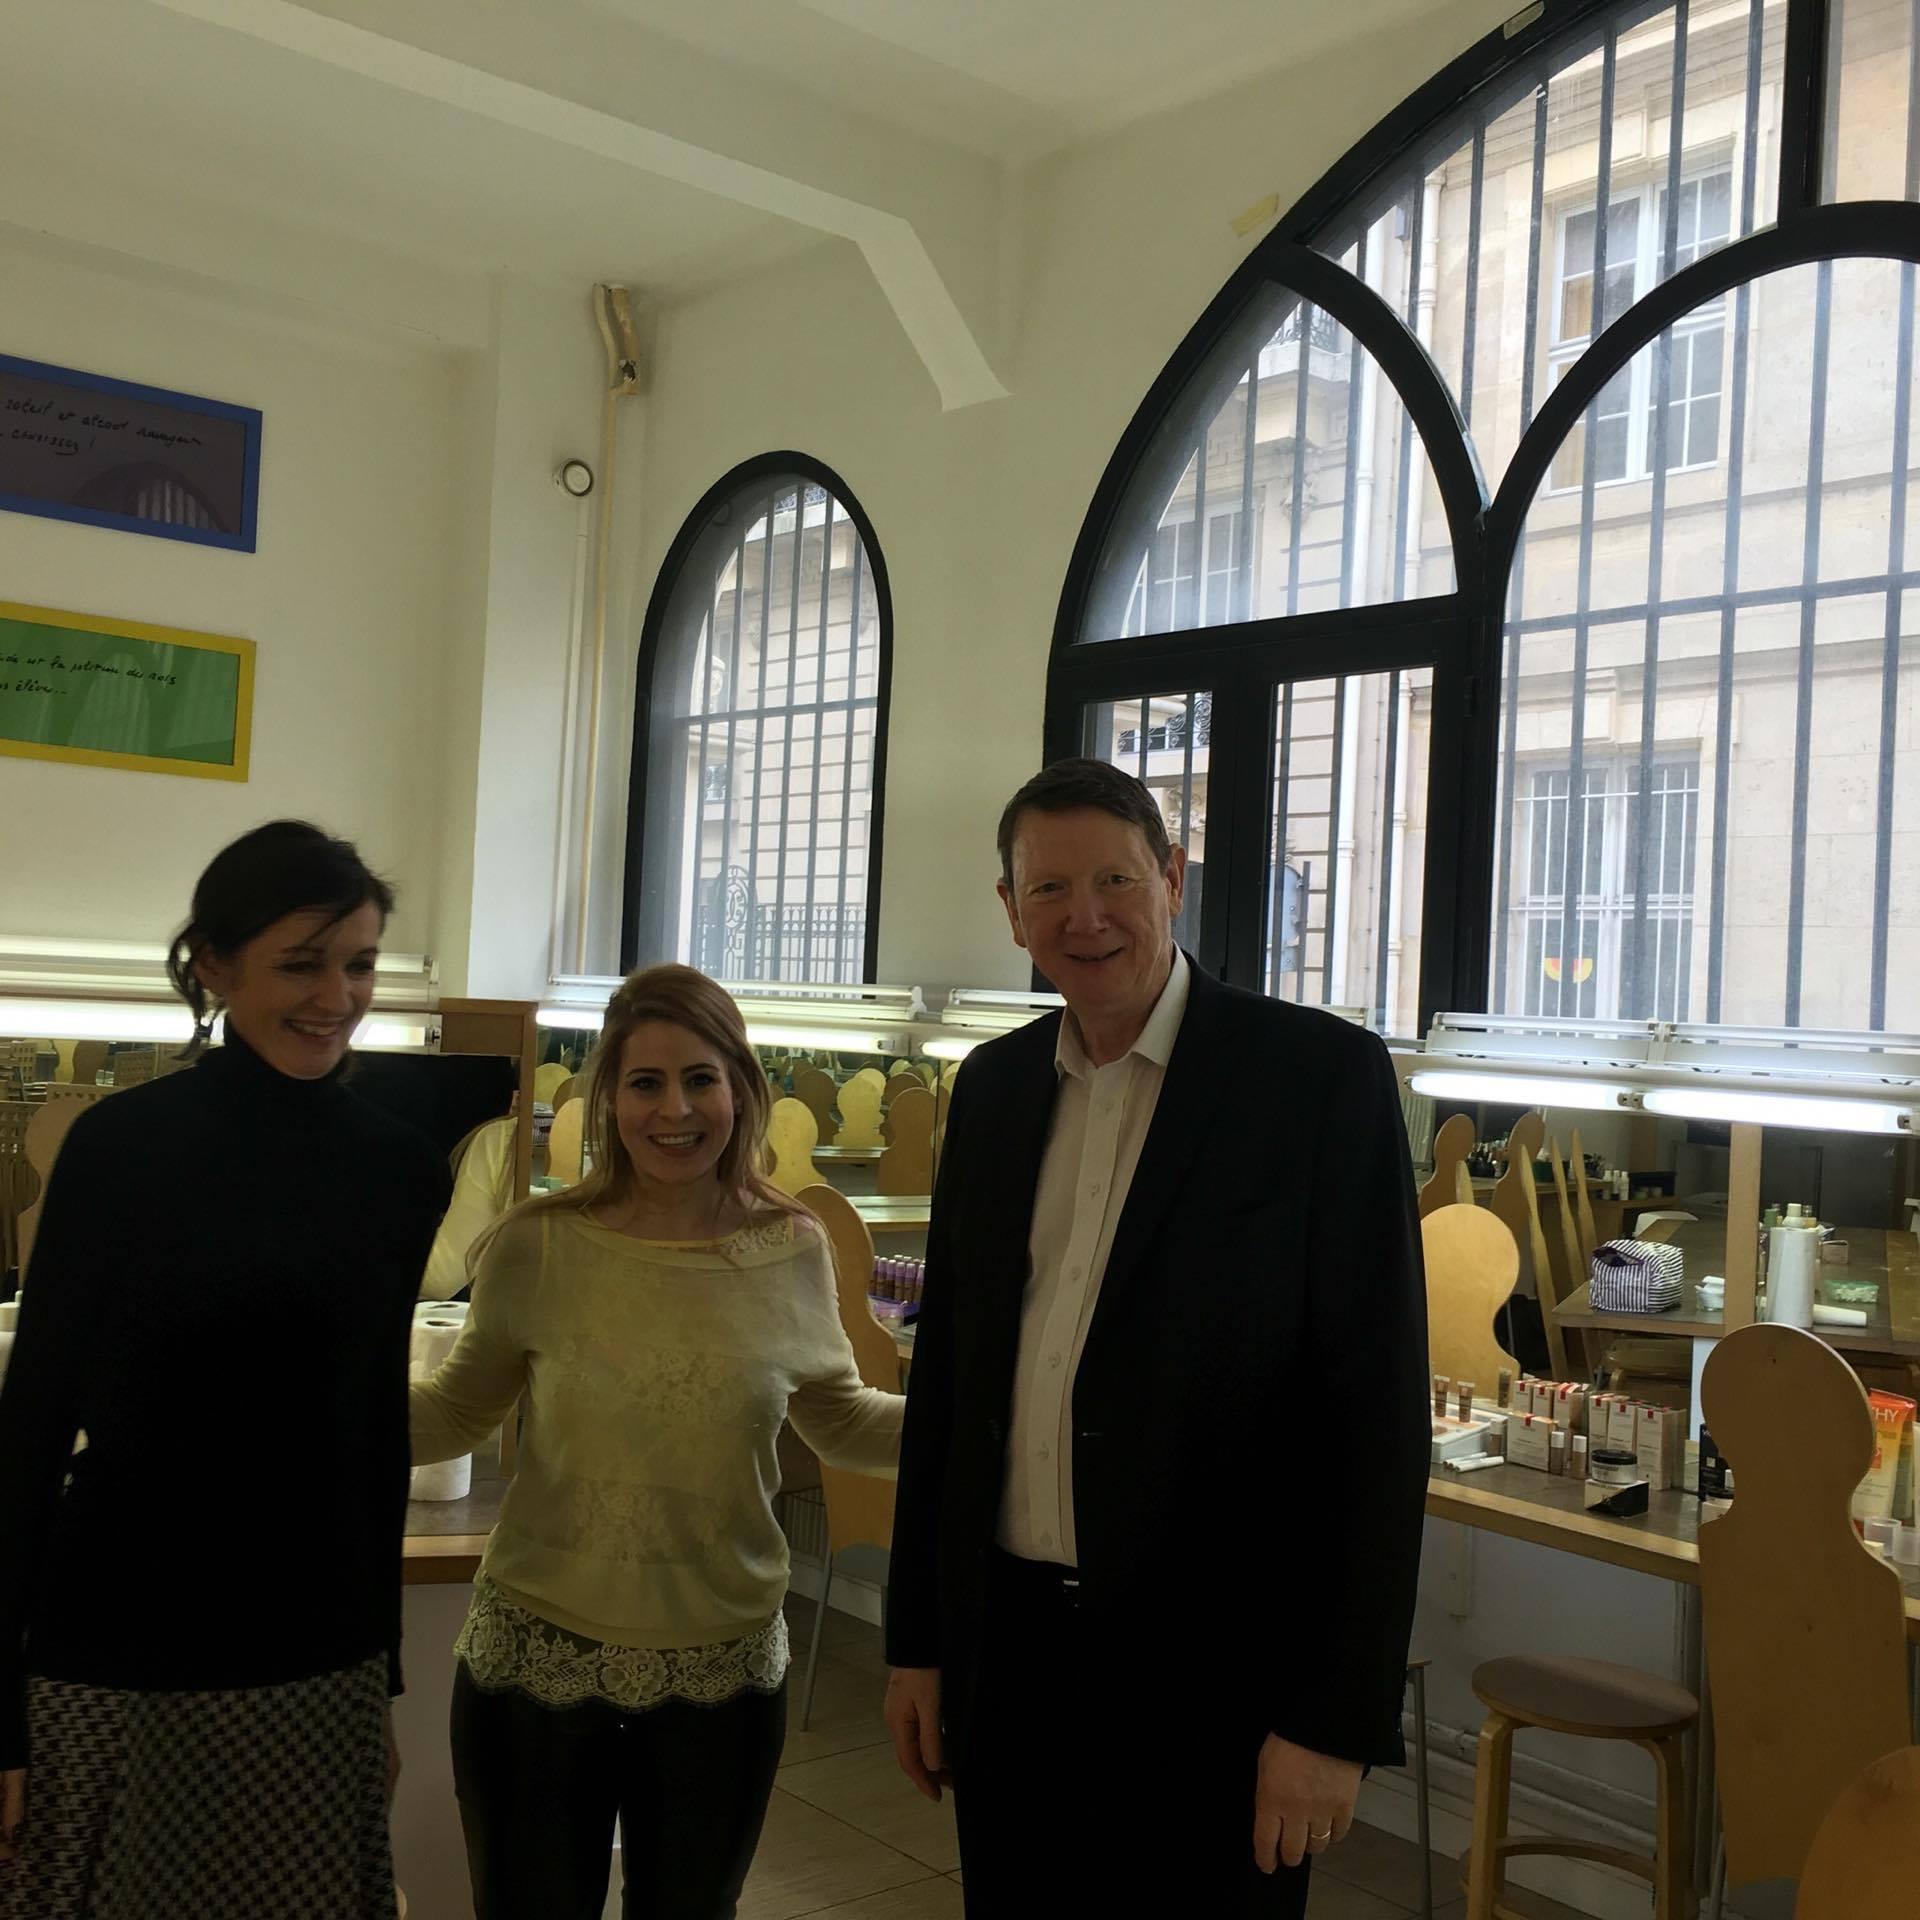 Président Mr Jean Marie Meurant( droite), Psychologue Clinicienne Mme martine Carré et Présidente Mme Lamine Myriam( milieu)